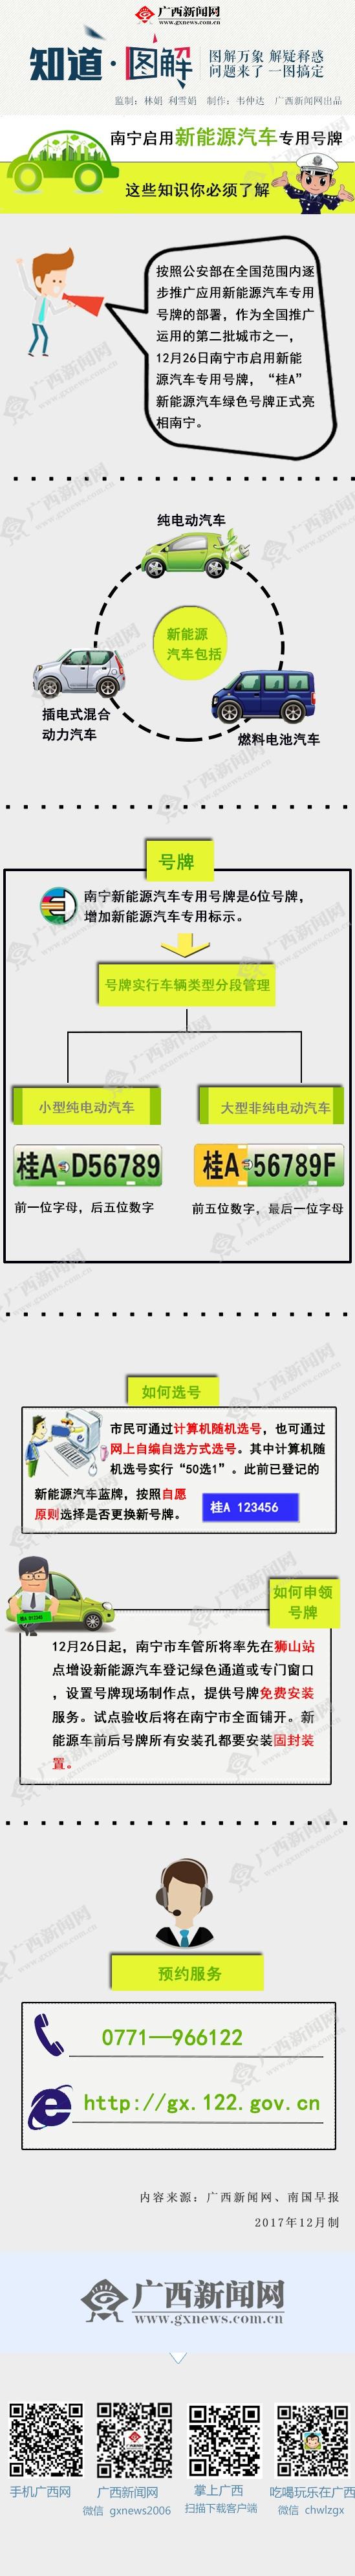 图解:南宁启用新能源汽车专用号牌 两种方式选号